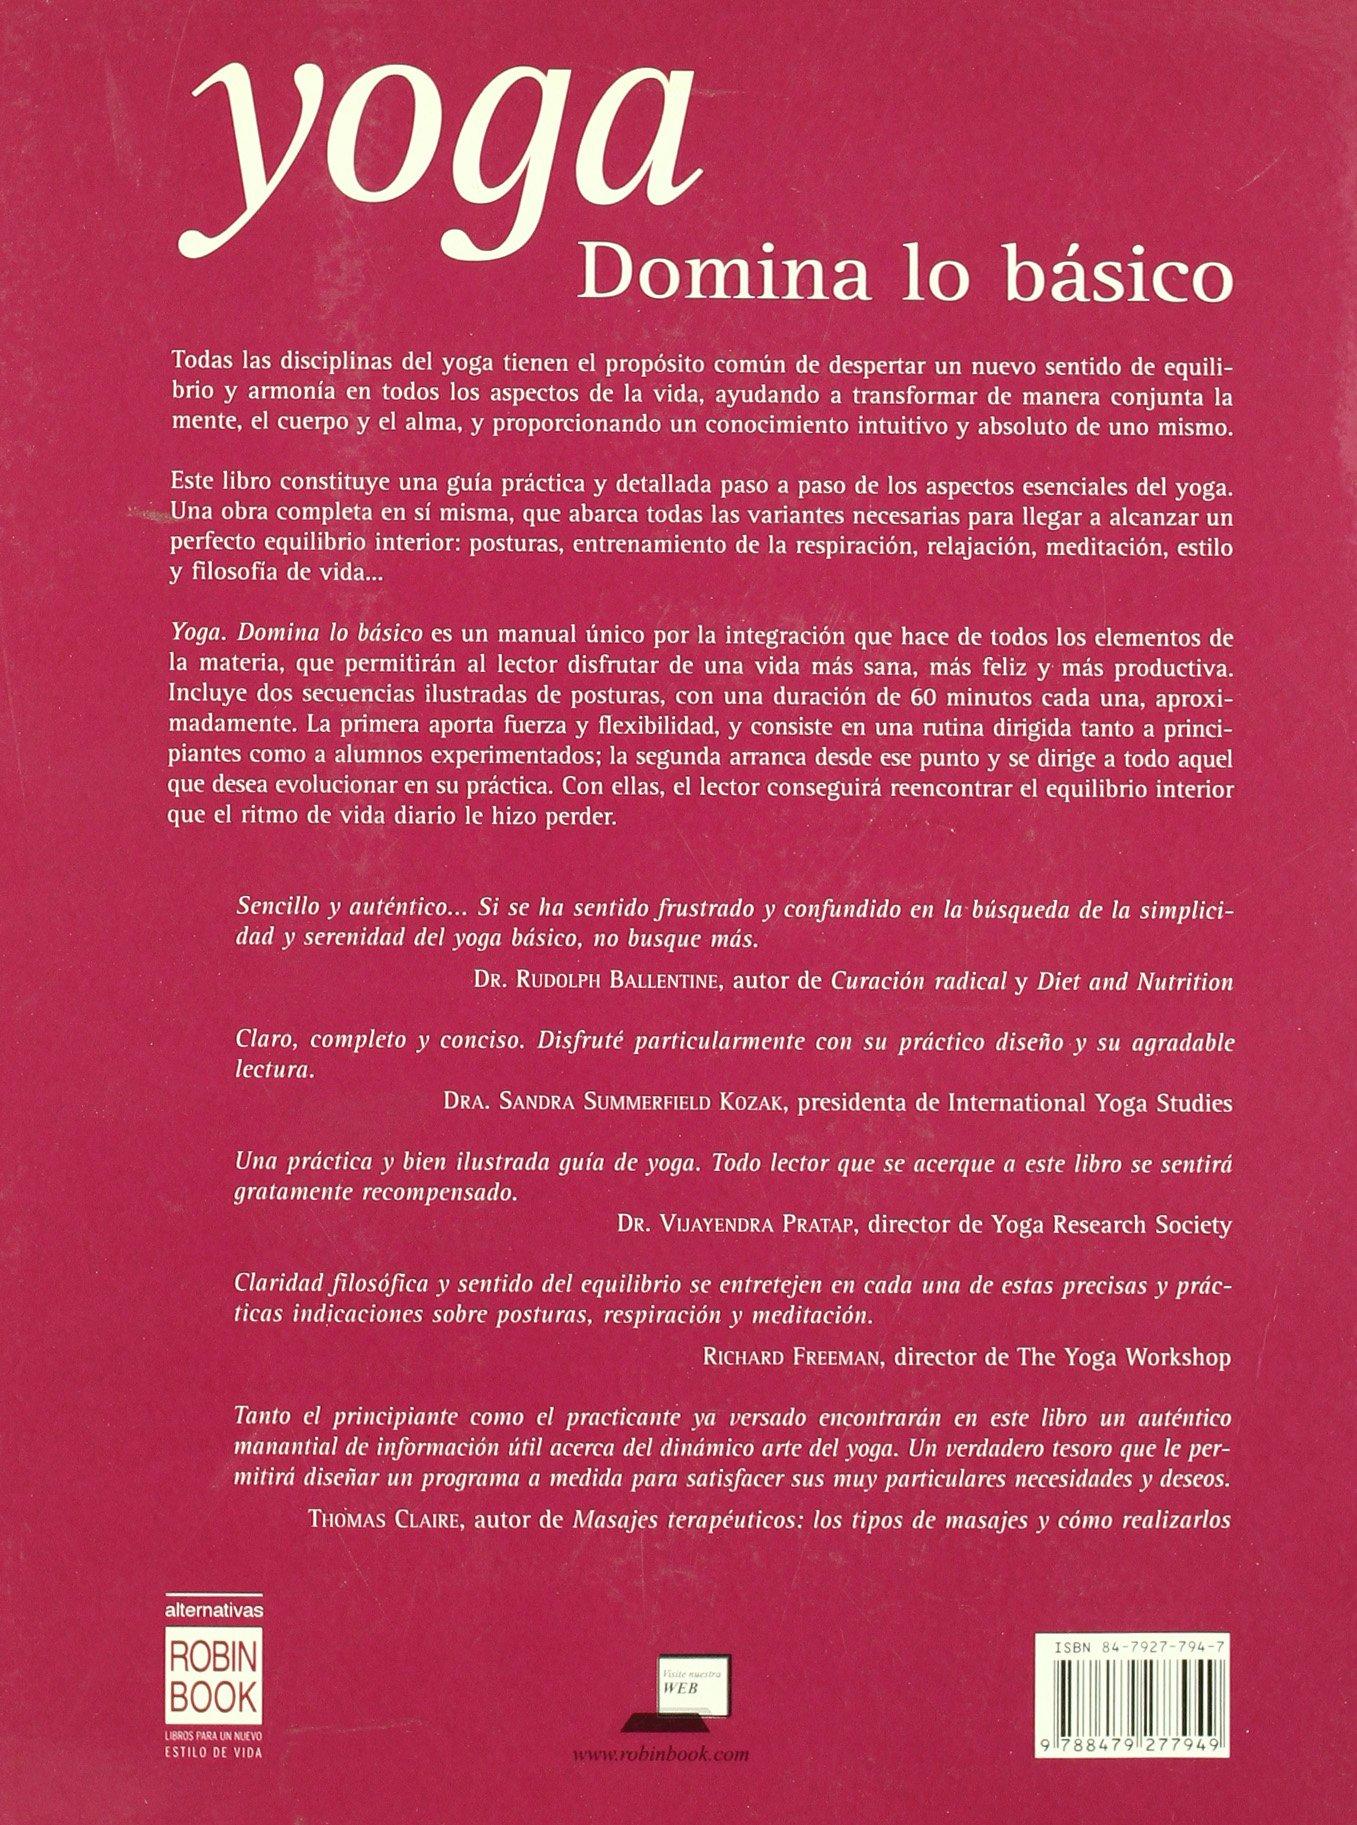 Yoga/ Yoga: Domina Lo Basico/ Dominating the Basic Thing ...